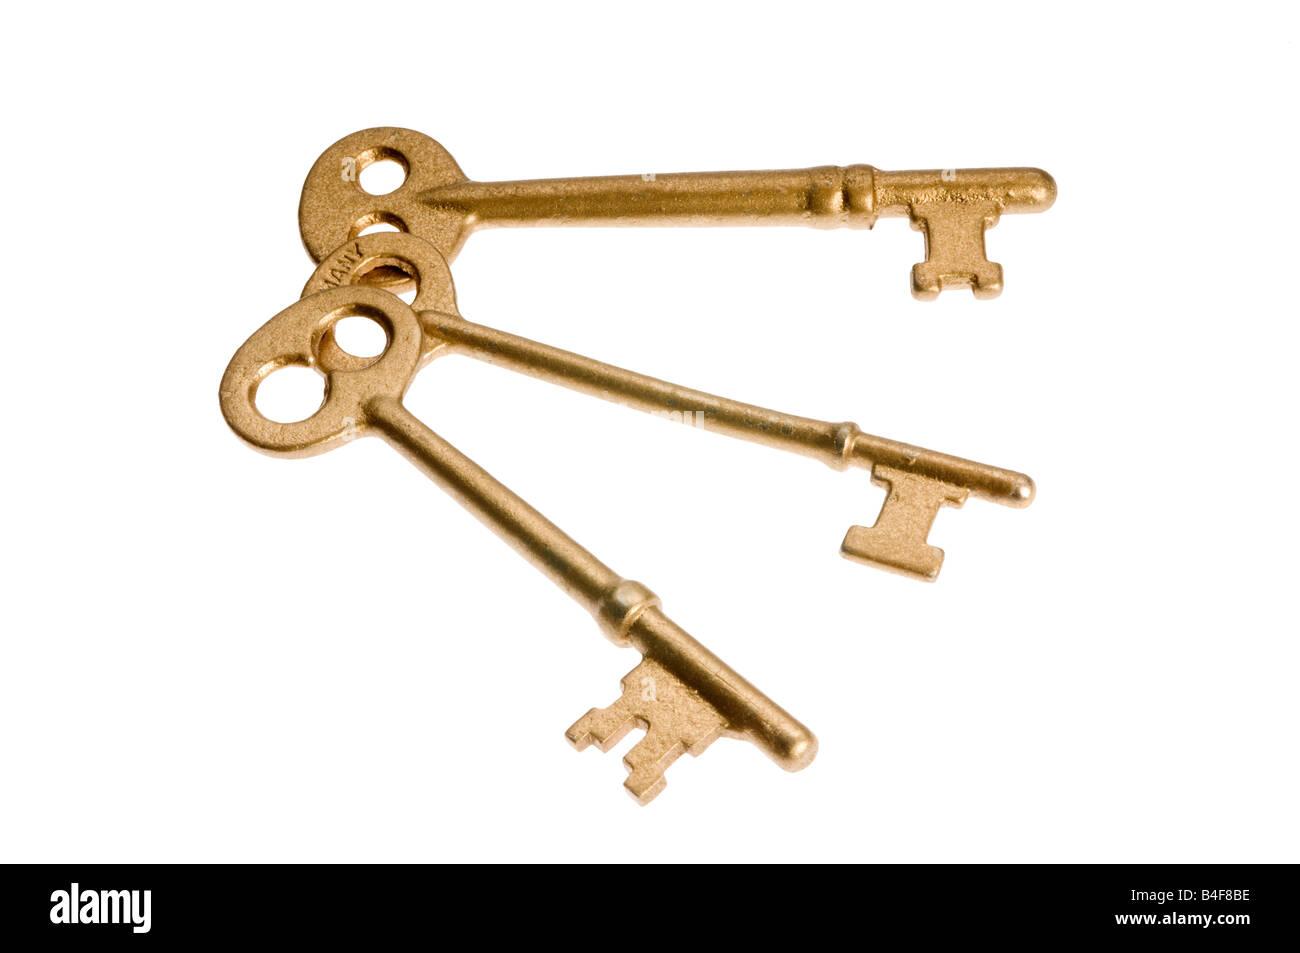 Three skeleton keys on white - Stock Image